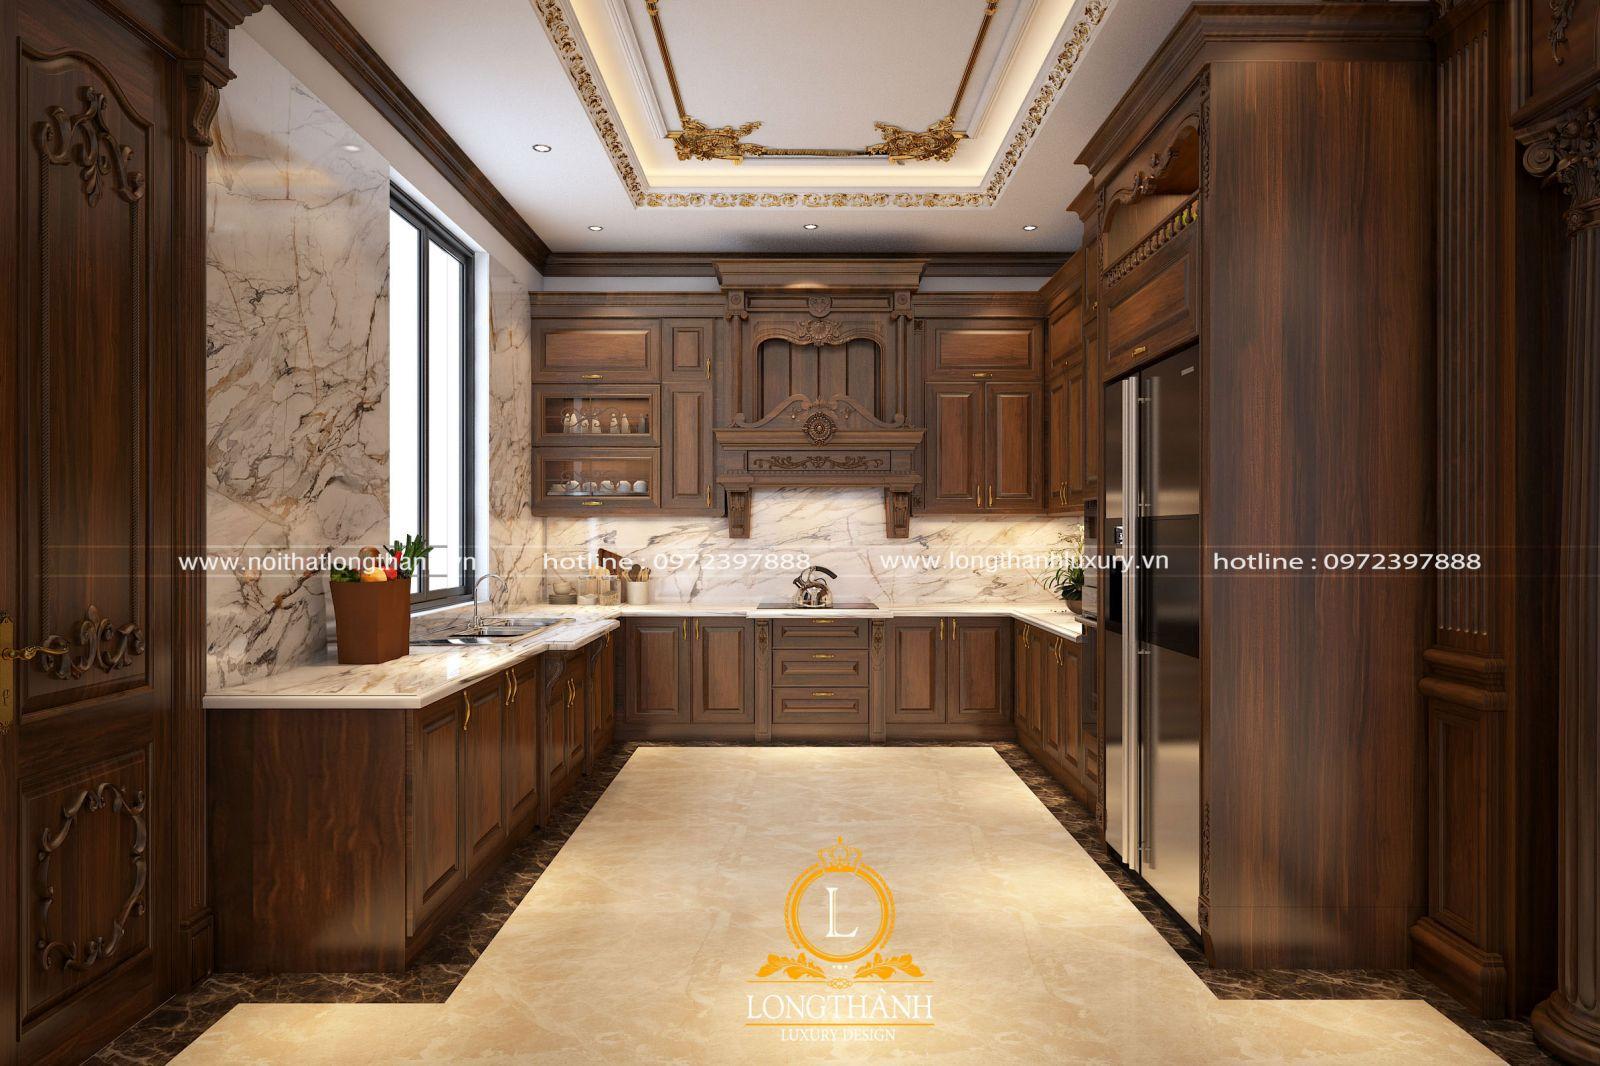 Bộ tủ bếp chữ U chất lượng gỗ Gõ tự nhiên được thiết kế theo phong cách tân cổ điển